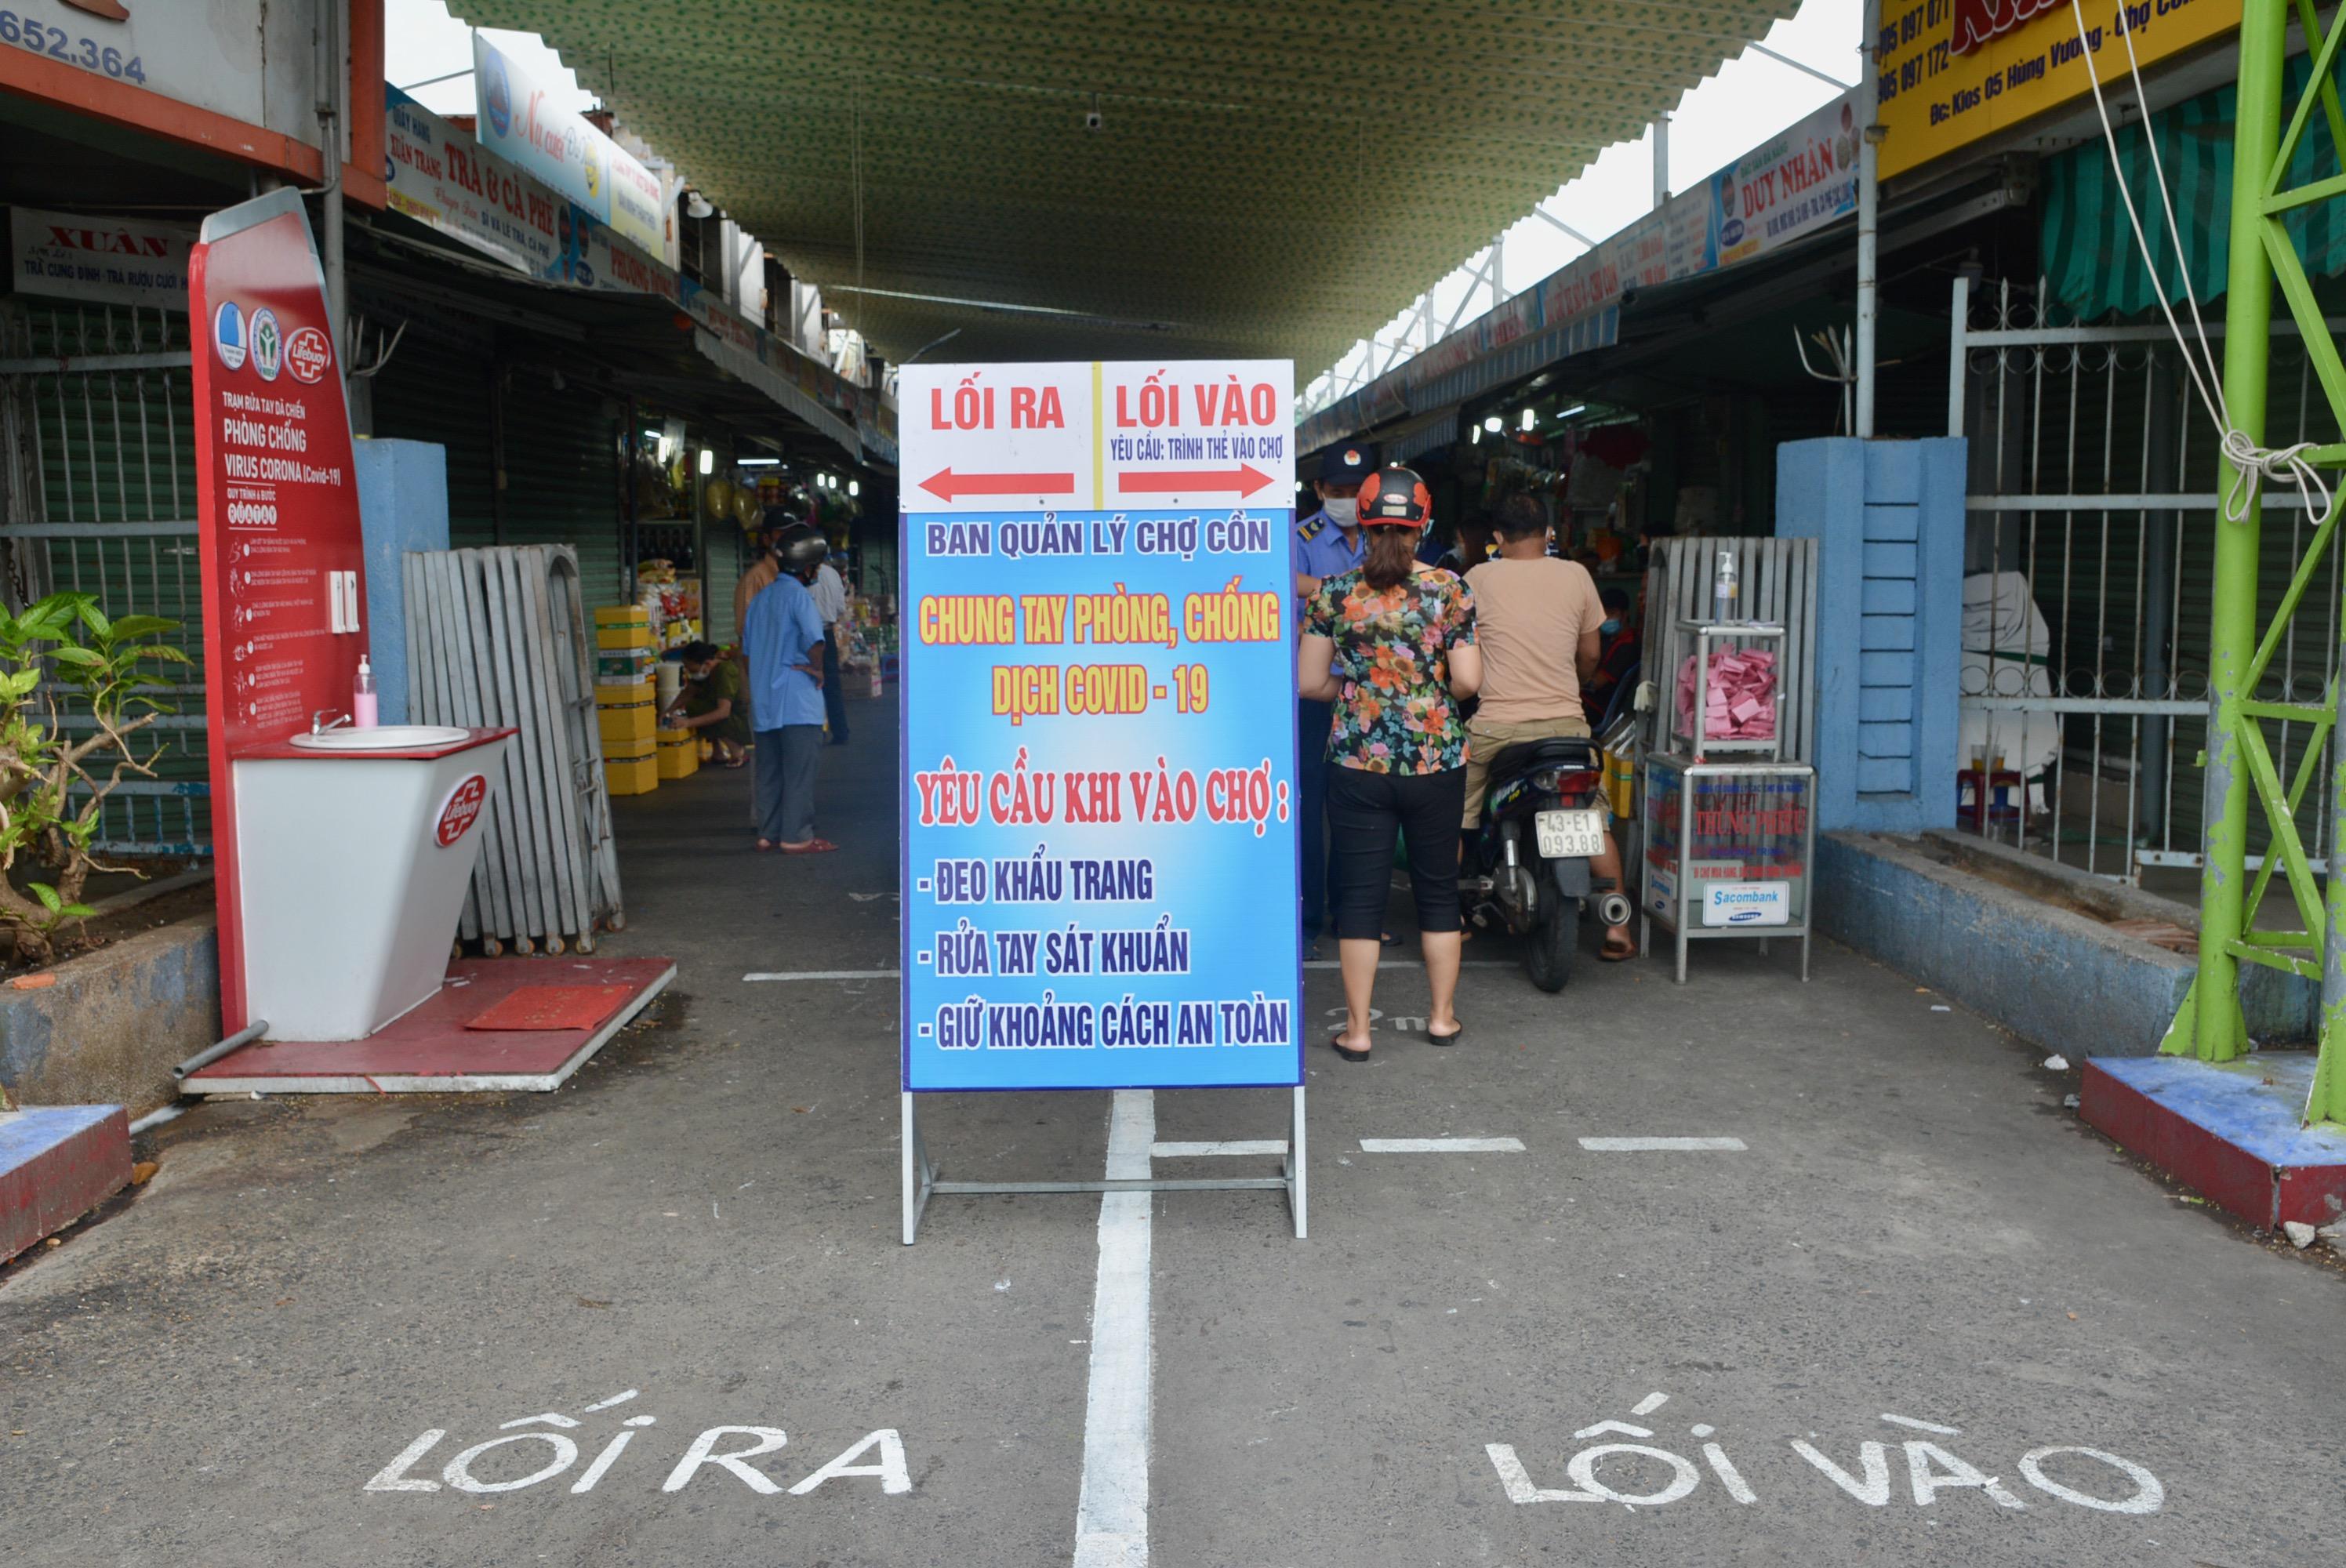 Cận cảnh lần đầu người dân Đà Nẵng dùng thẻ đi chợ - Ảnh 2.